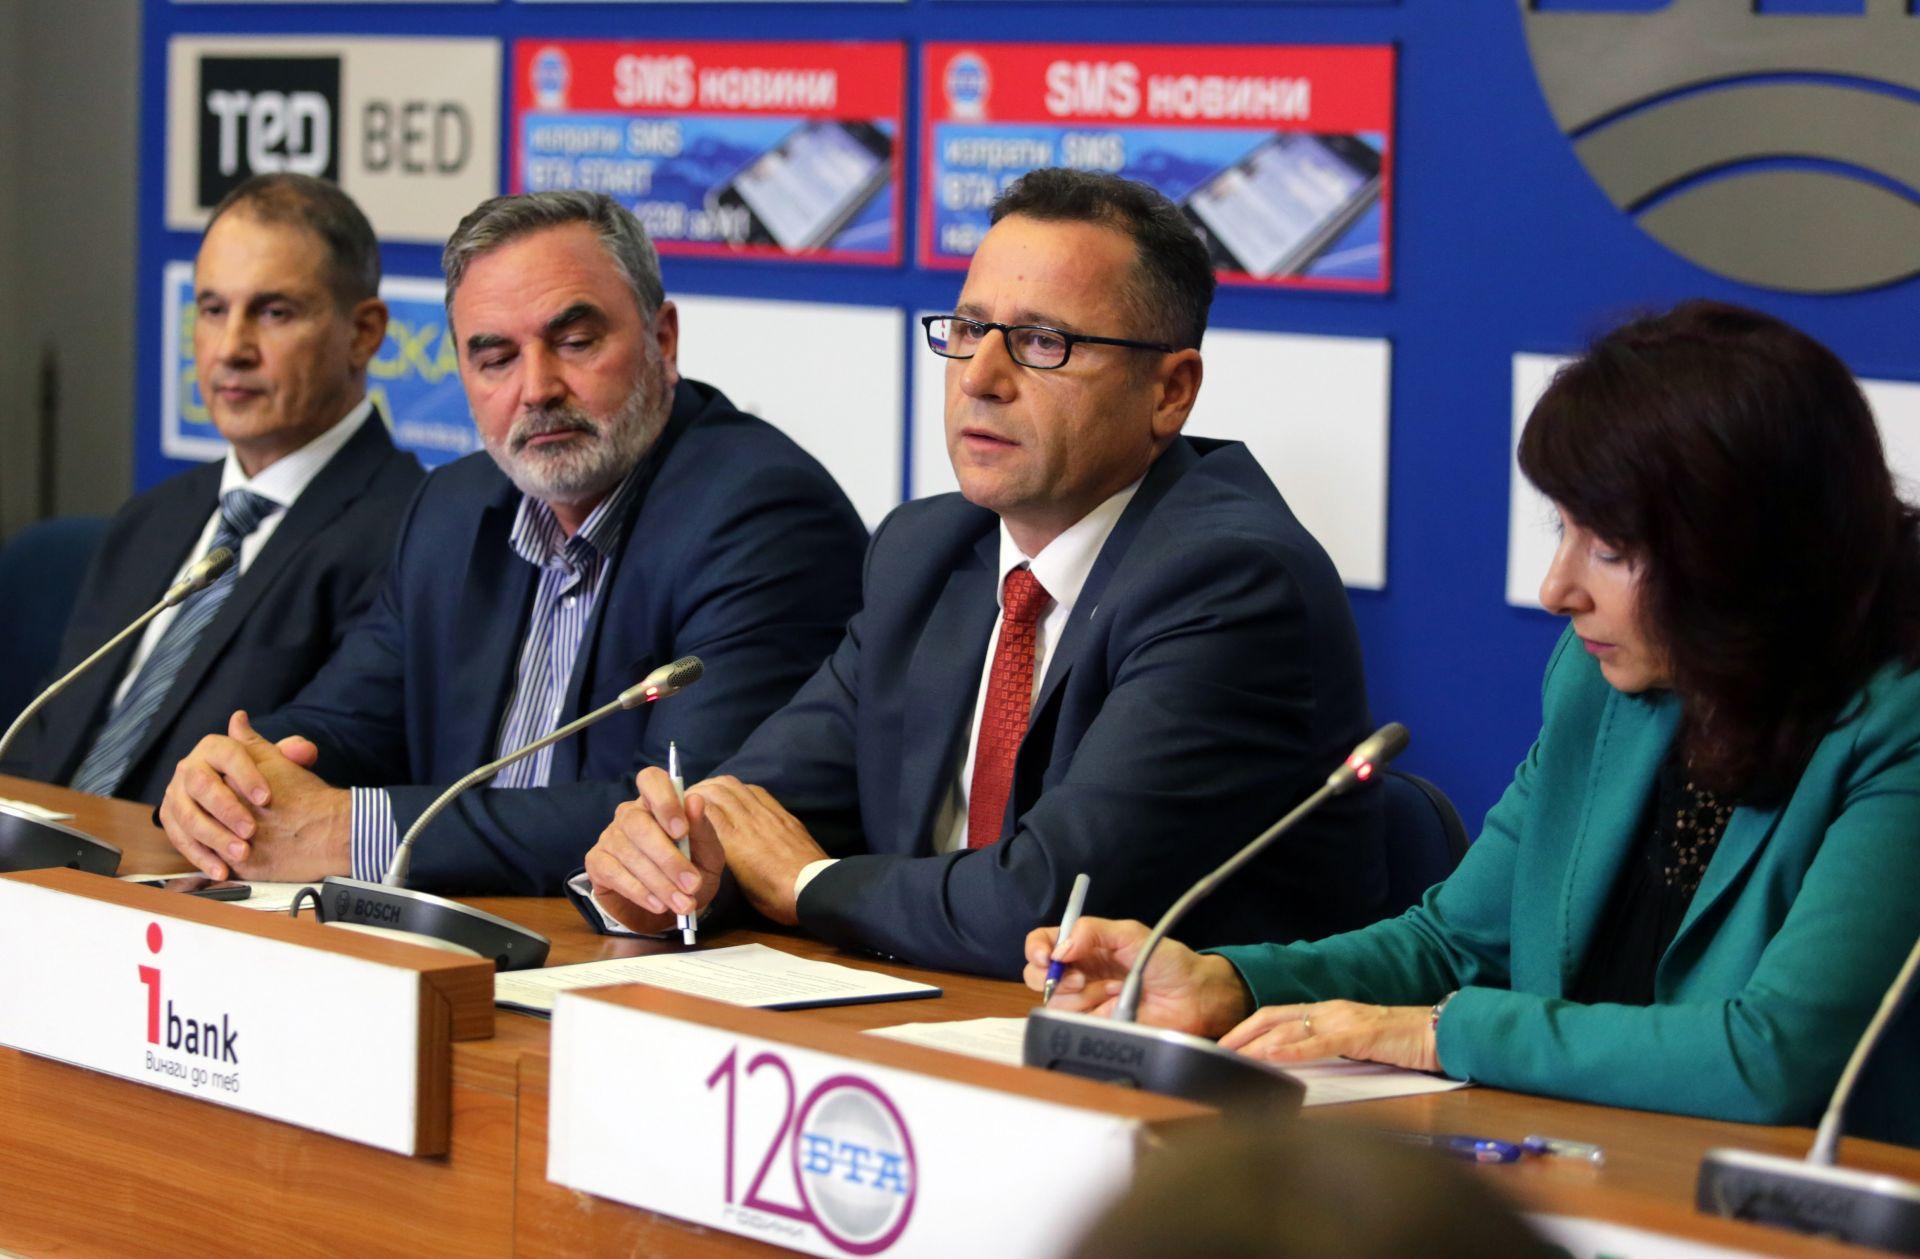 Всяка година от грип се разболяват 1 милиард души, каза Скендер Сила, ръководител на българския офис на Световната здравна организация